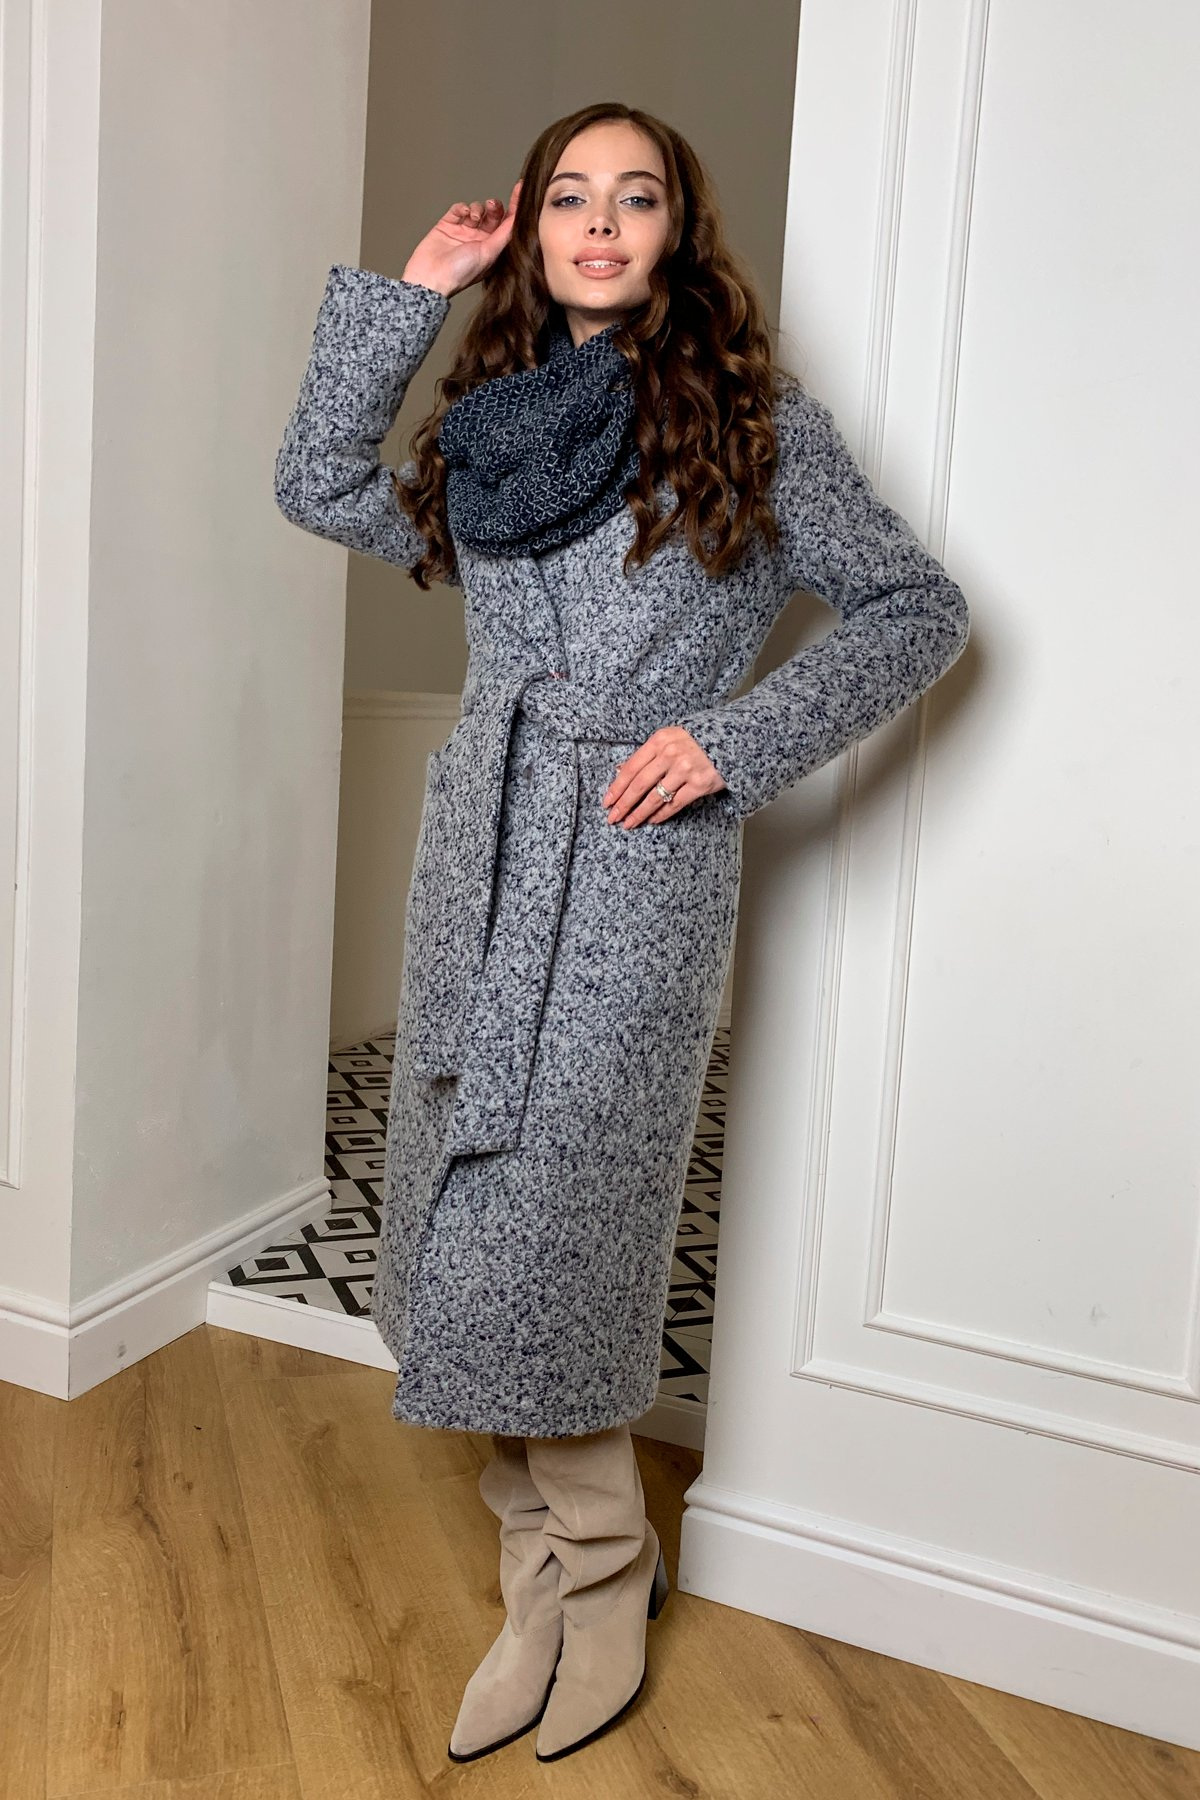 Теплое зимнее пальто буклированная шерсть Вива макси 8349 АРТ. 44516 Цвет: Серый/голубой 60 - фото 1, интернет магазин tm-modus.ru